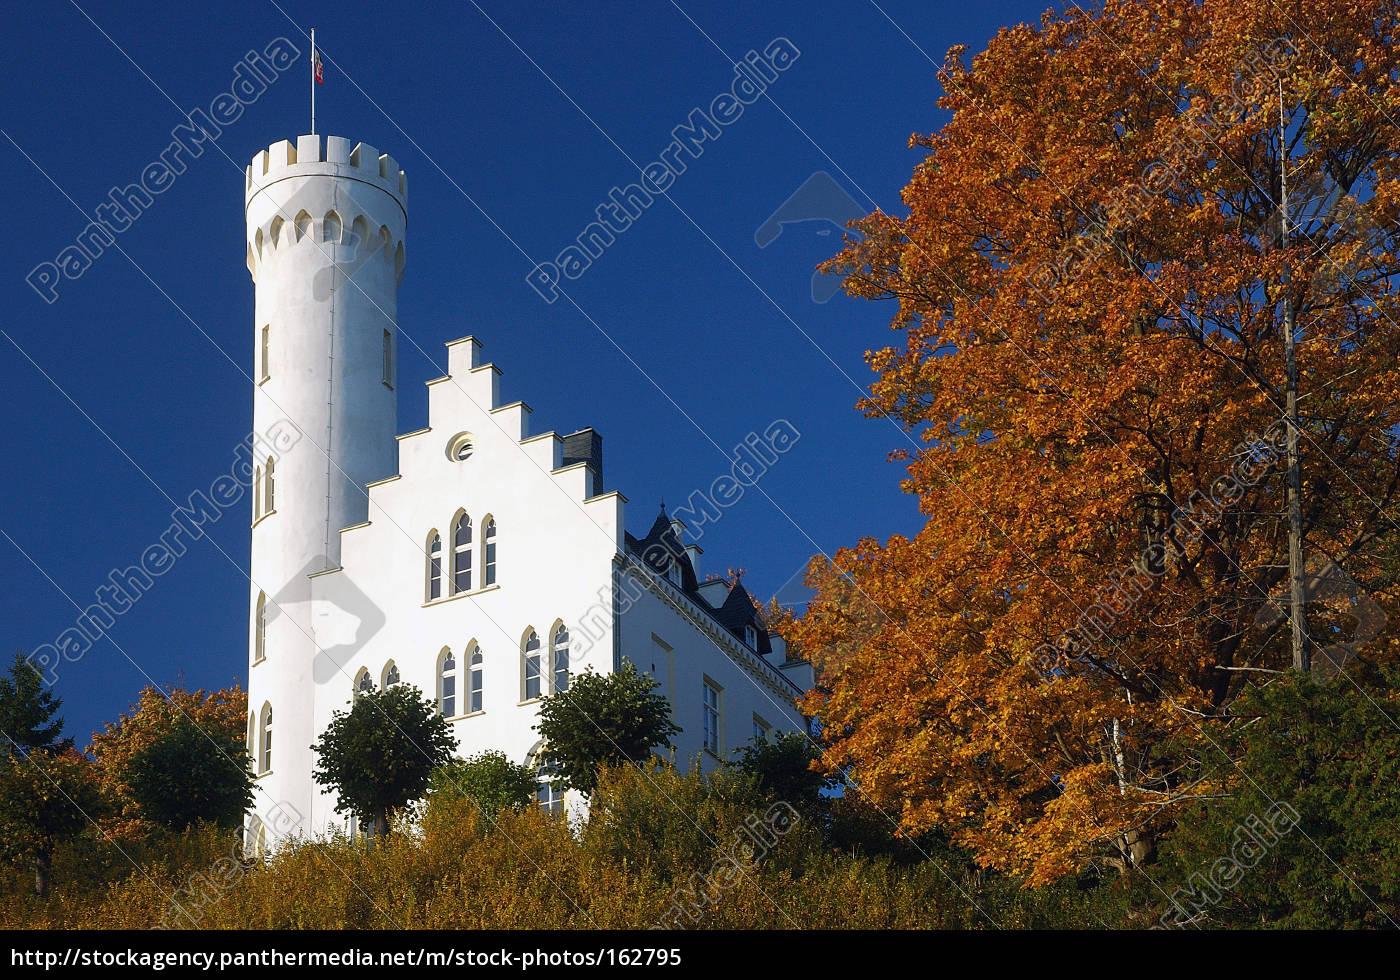 lietzow, palace, -, small, liechtenstein - 162795